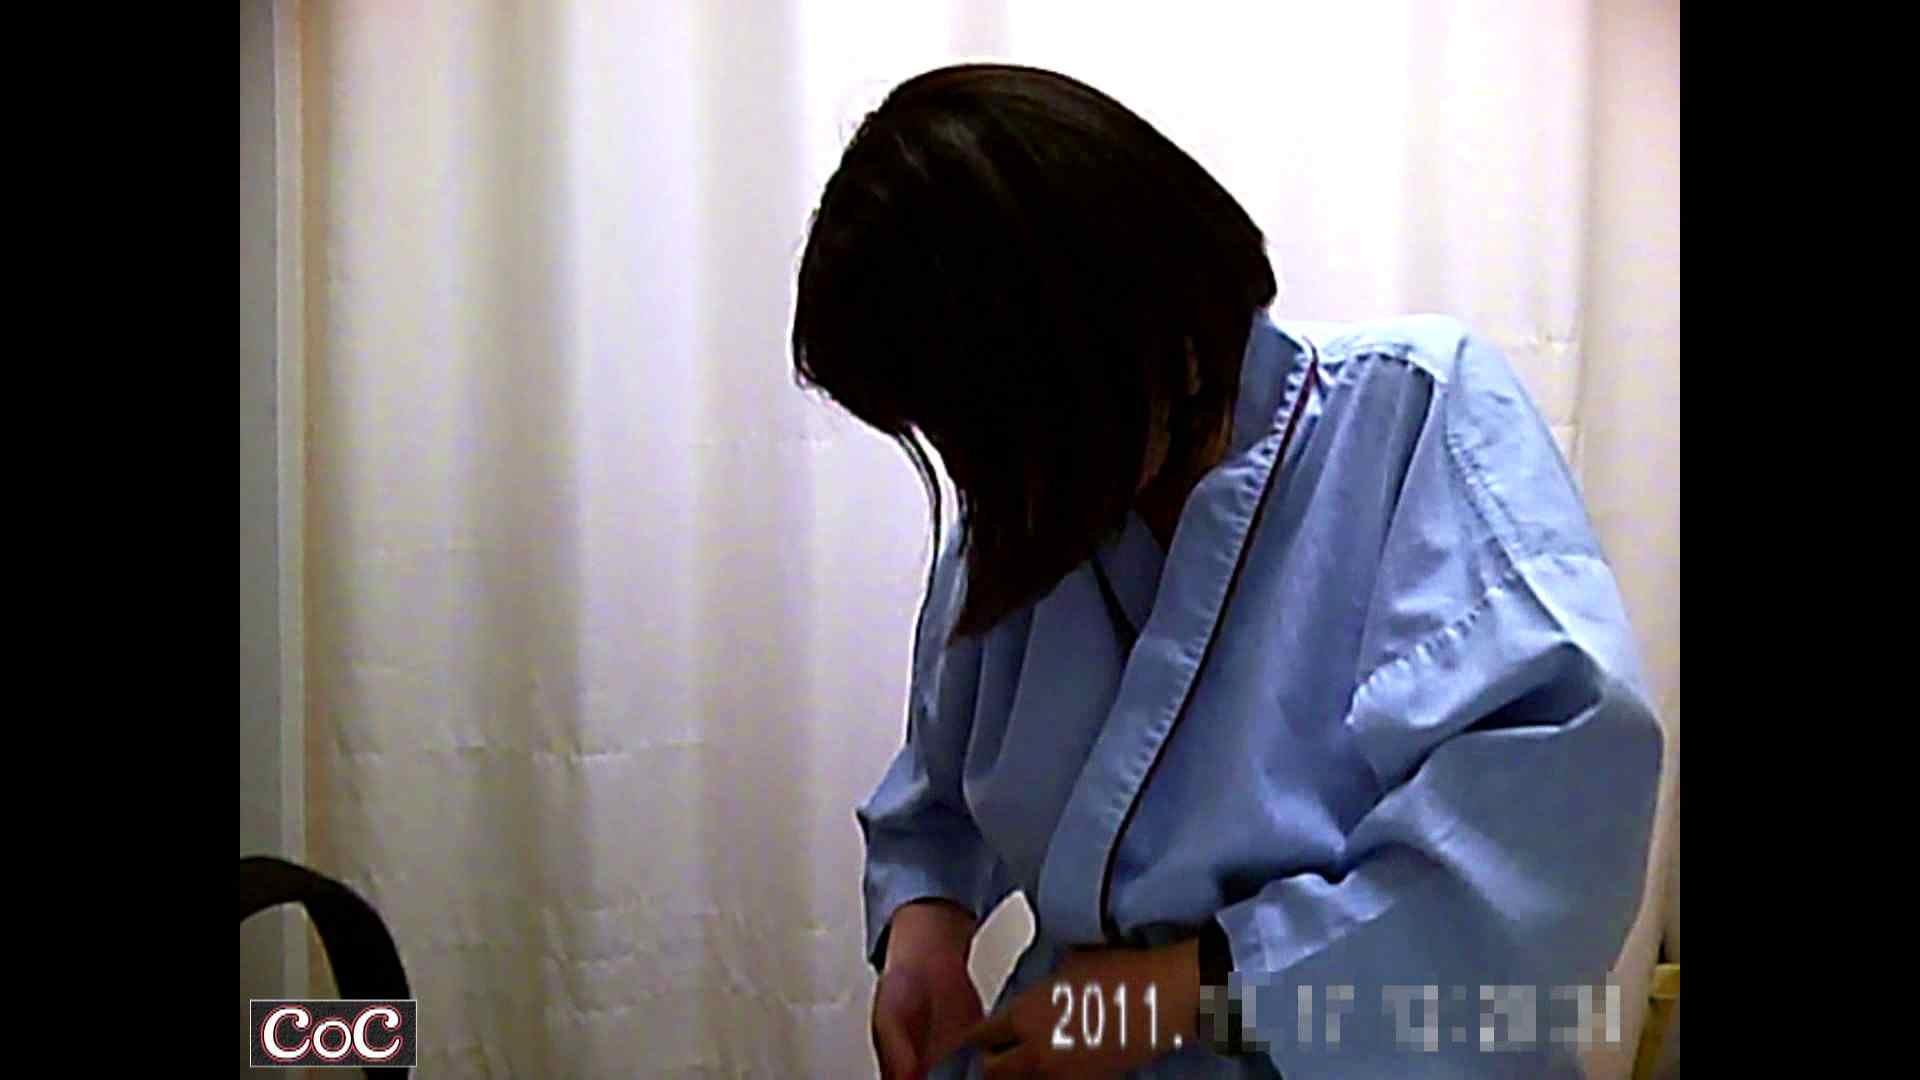 病院おもいっきり着替え! vol.96 貧乳編 AV動画キャプチャ 90画像 15